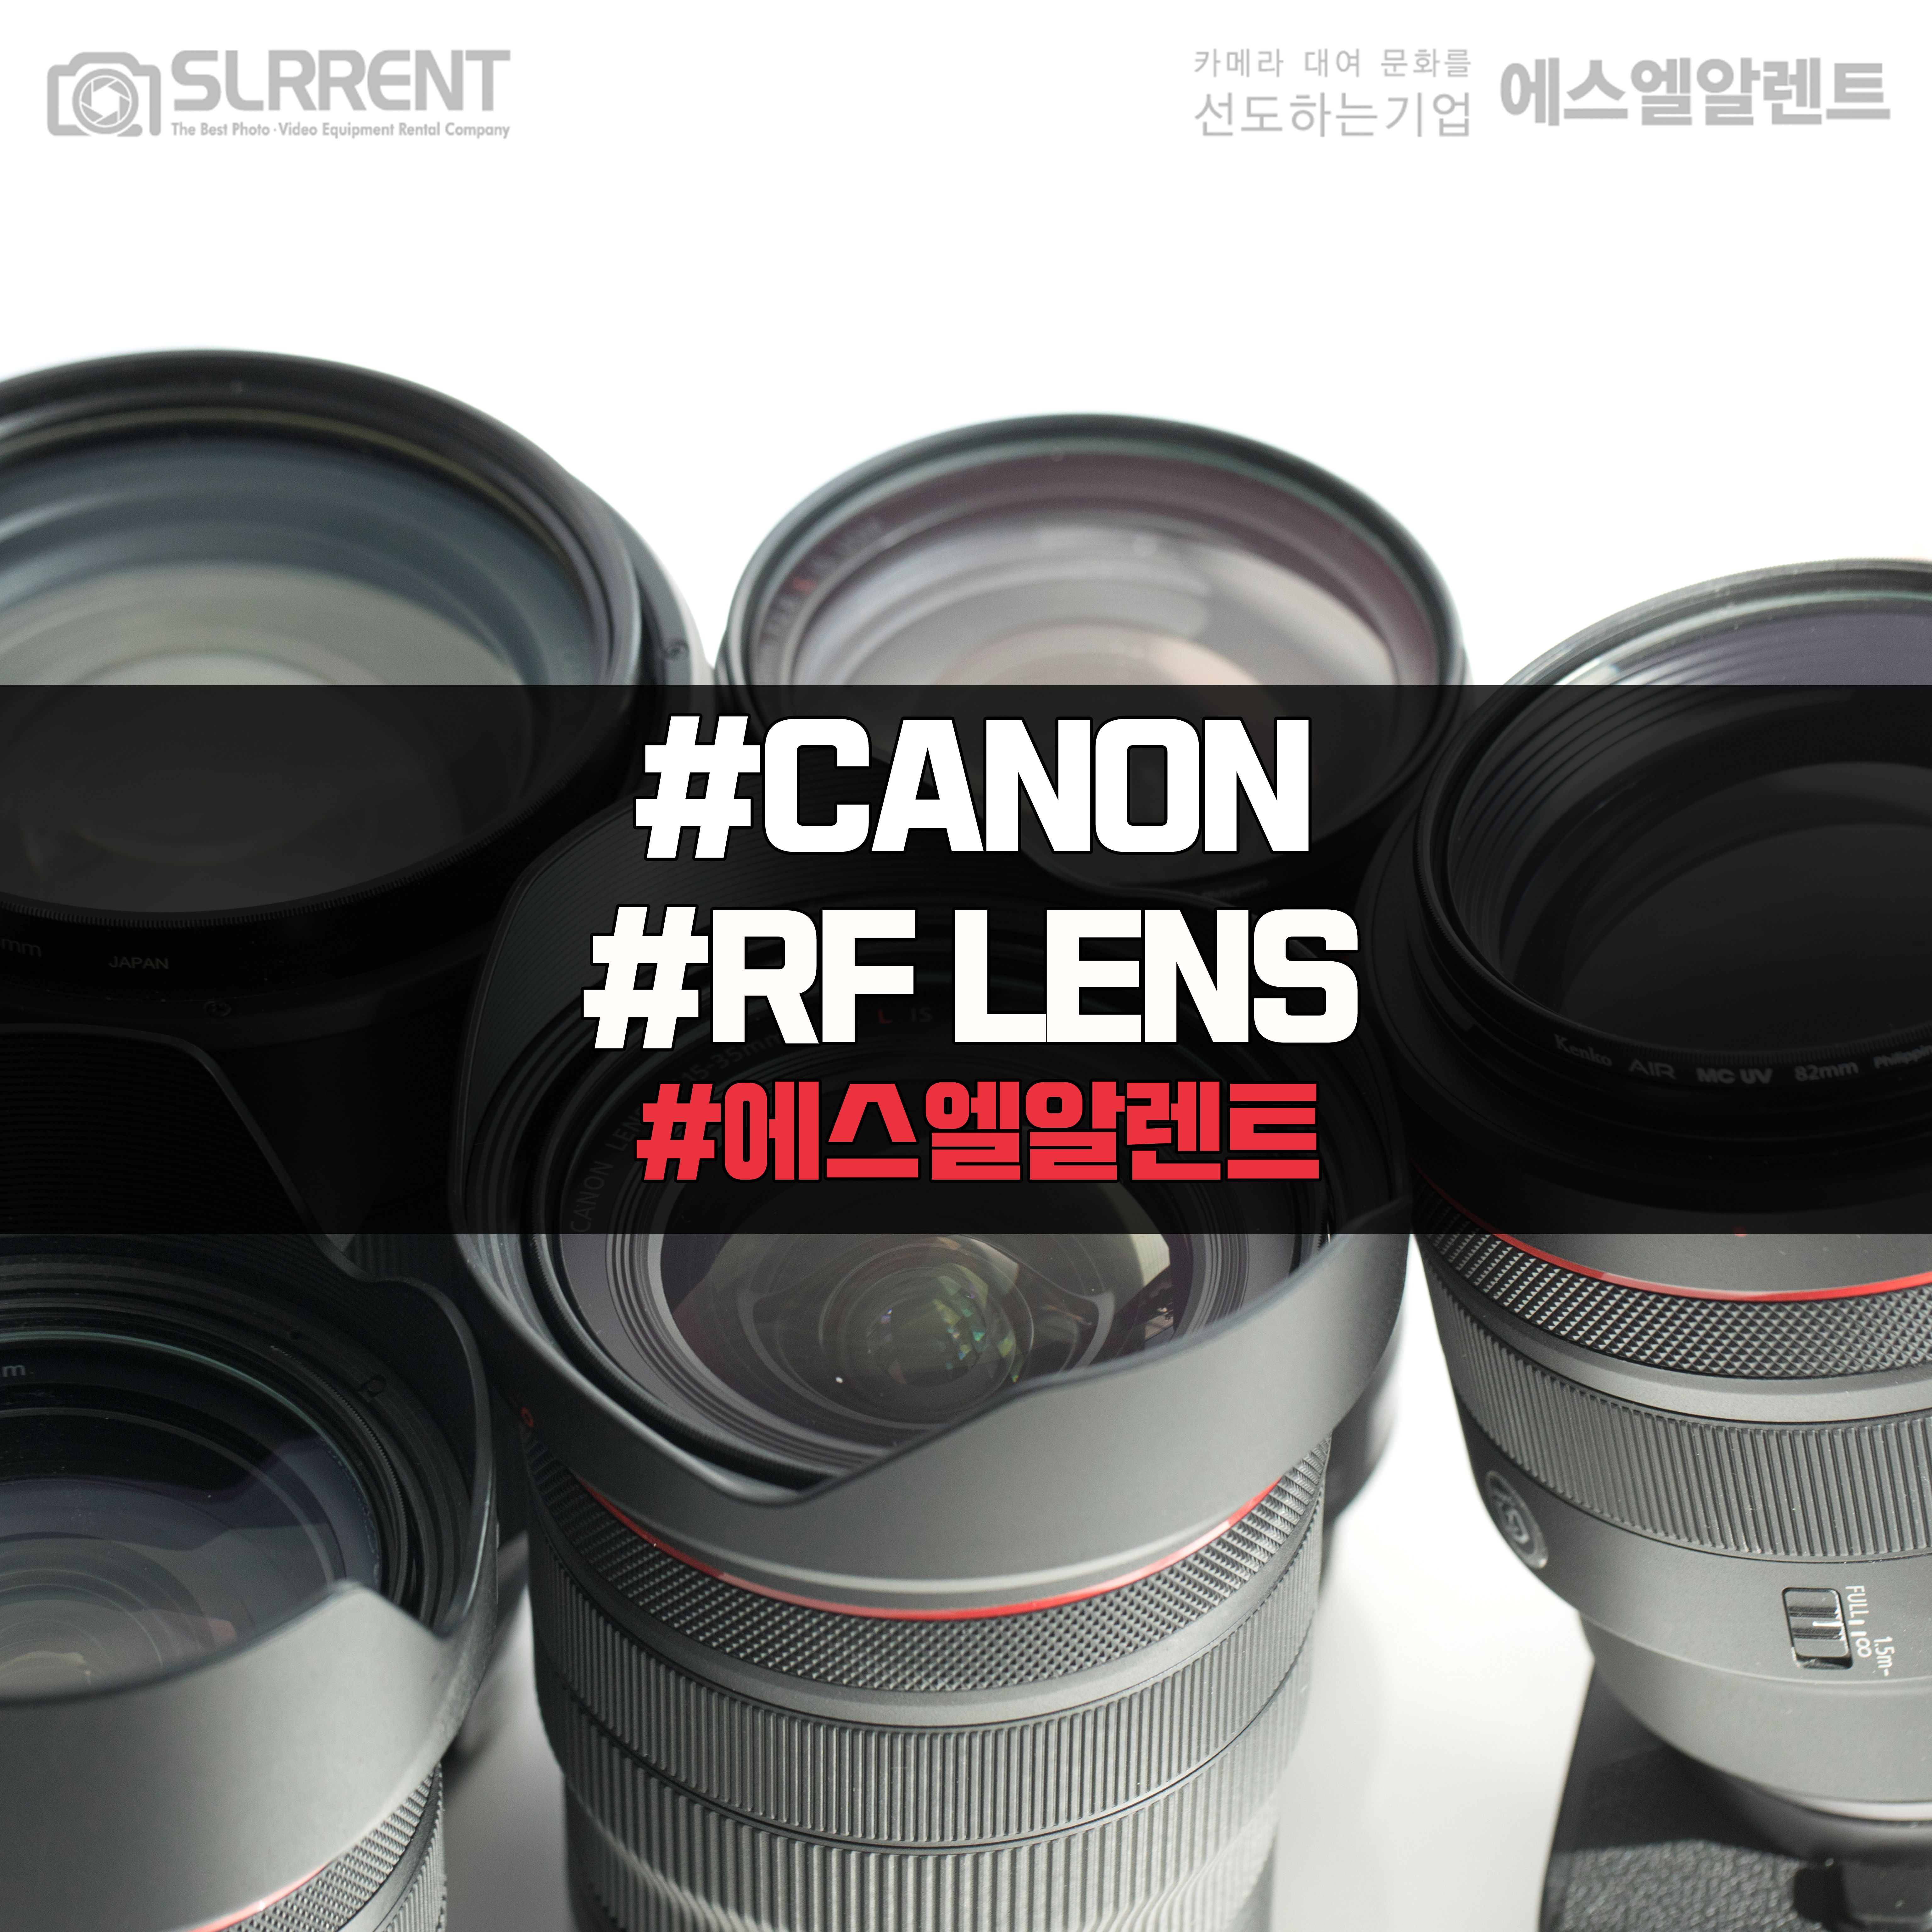 에스엘알렌트 캐논의 막강한 Rf 렌즈 6종 극강의 화질을 자랑하는 Rf 렌즈 6종 Rf 렌즈 라인업으로 일상을 담아보세요 지금 바로 대여 가능 에스엘알렌트는 사진 영상 영화 전문가들의 지식과 경험을 바탕으로